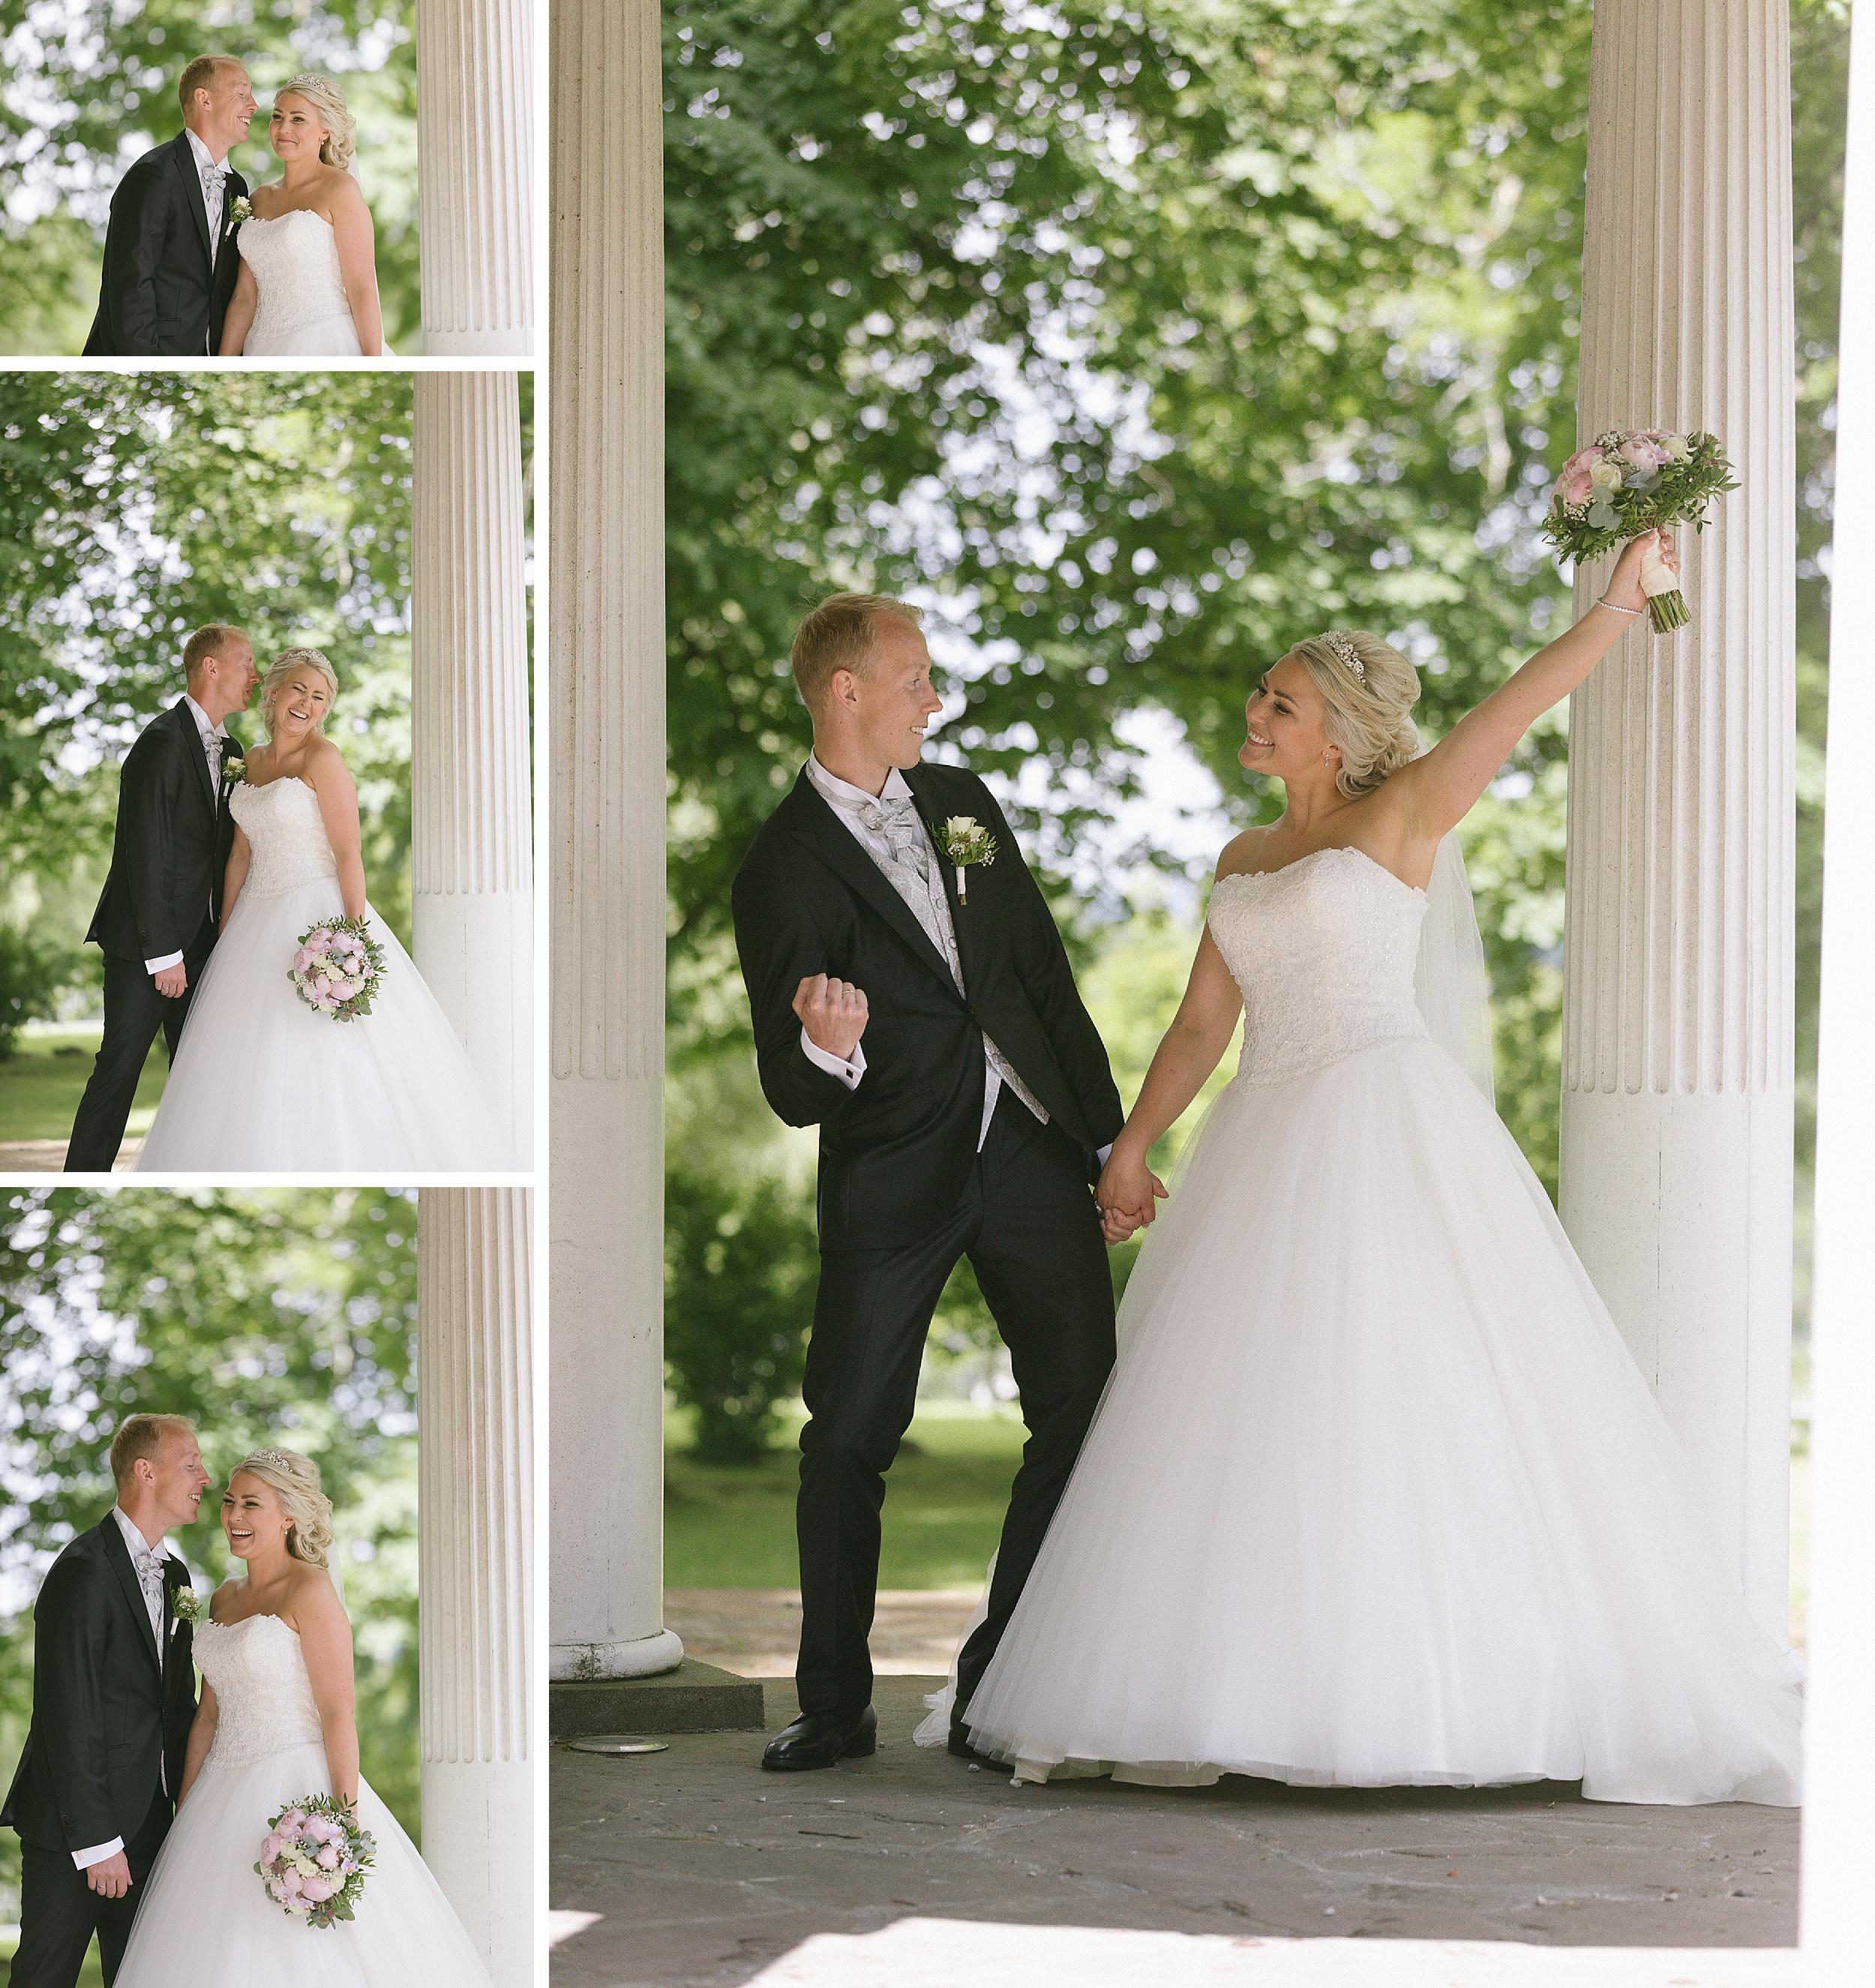 Heldags-bryllupsfoto-june-thomas_0032.jpg